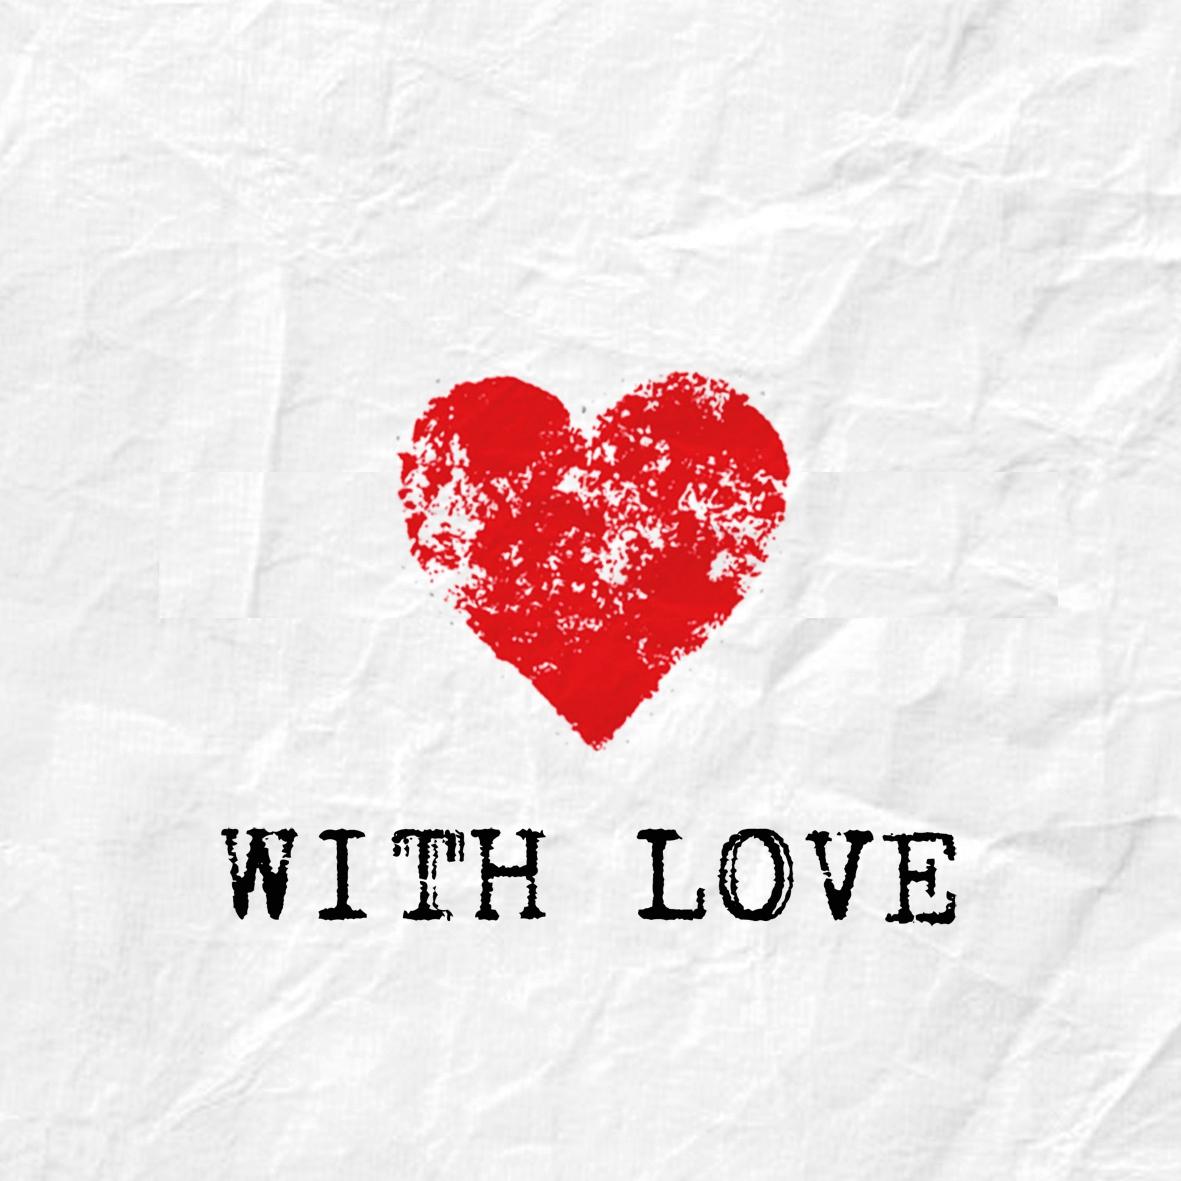 Lunch Servietten With Love,  Ereignisse - Liebe,  Everyday,  lunchservietten,  Herzen